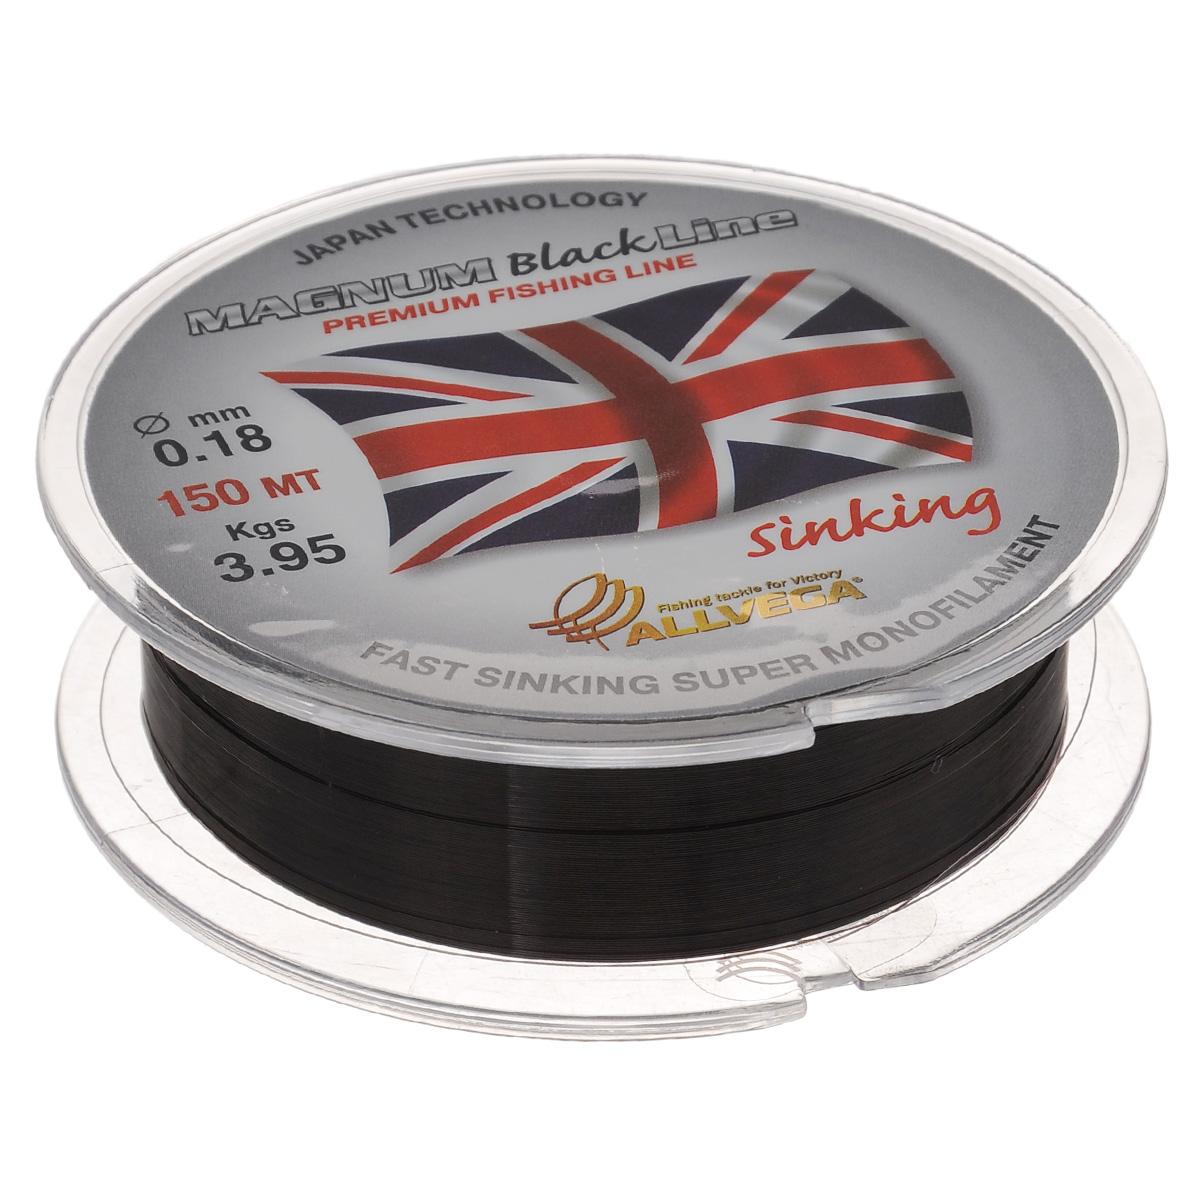 Леска Allvega Magnum Black, цвет: черный, 150 м, 0,18 мм, 3,95 кгLJ4001-015Специальная тонущая леска Allvega Magnum Black. Темный цвет, способность быстро тонуть, отсутствие механической памяти, жесткость, устойчивость к частым перезабросам и внешним механическим воздействиям, делают эту леску незаменимой для поплавочной ловли дальним забросом. Однако, ее физические свойства позволяют с успехом ловить не только на поплавочную снасть, но и на фидер, донки всех видов, а так же использовать ее при подледной ловле в зимней поплавочной удочке.